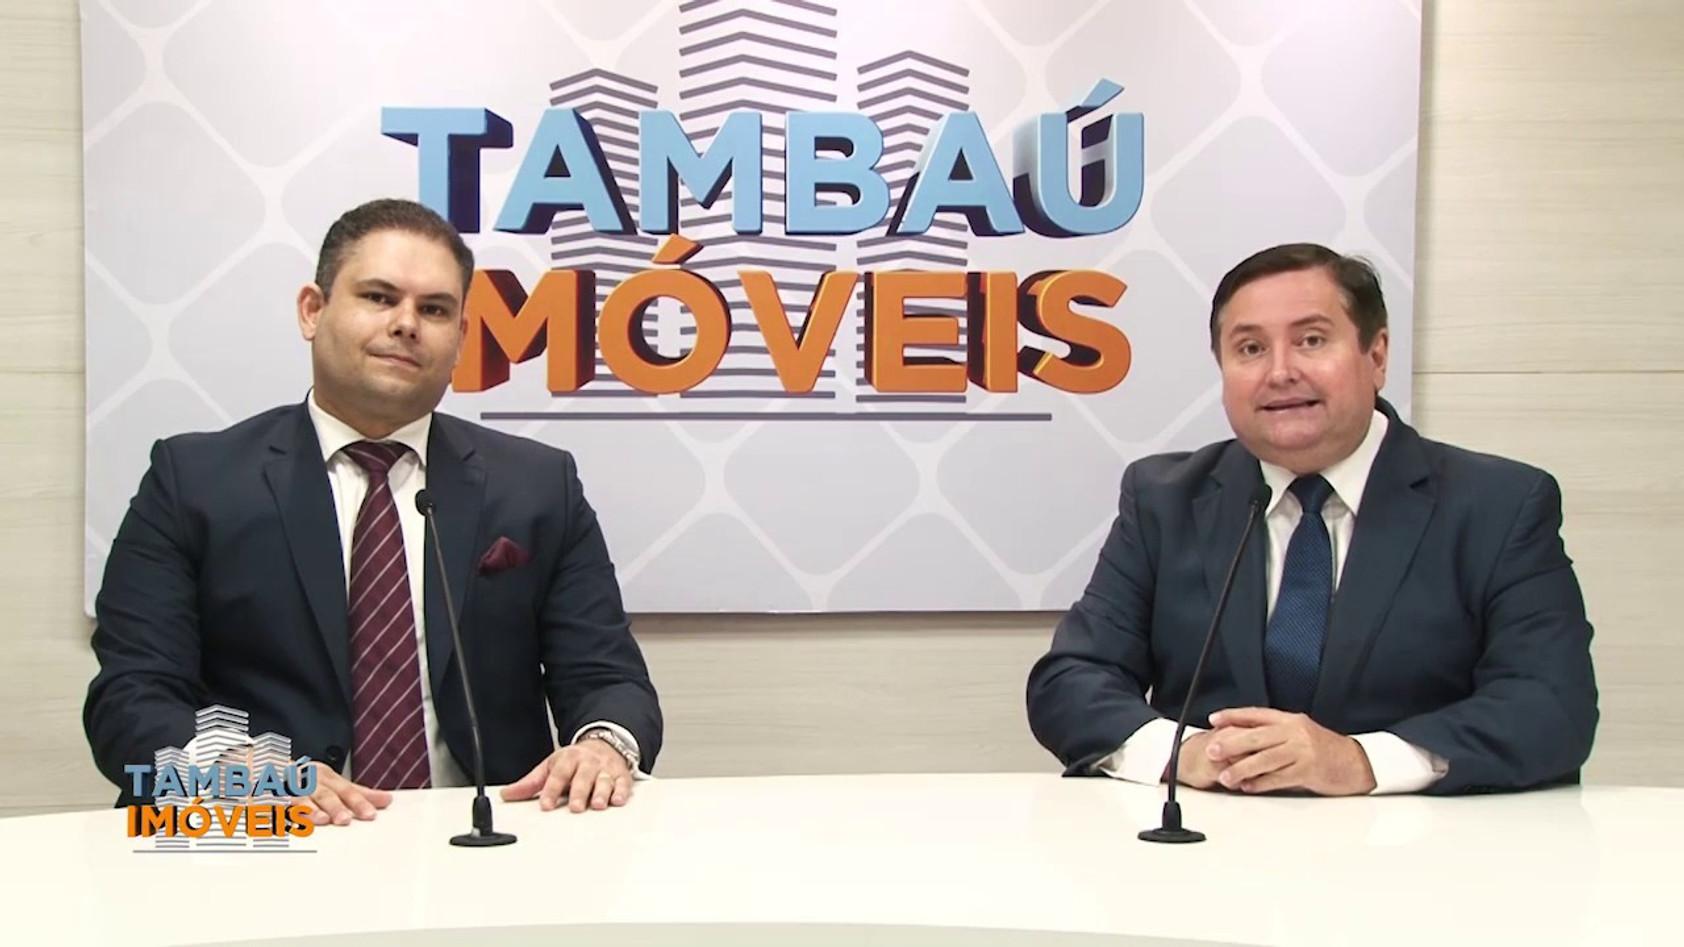 Tambaú Imóveis traz entrevista sobre compliance nos setores imobiliário e da construção civil